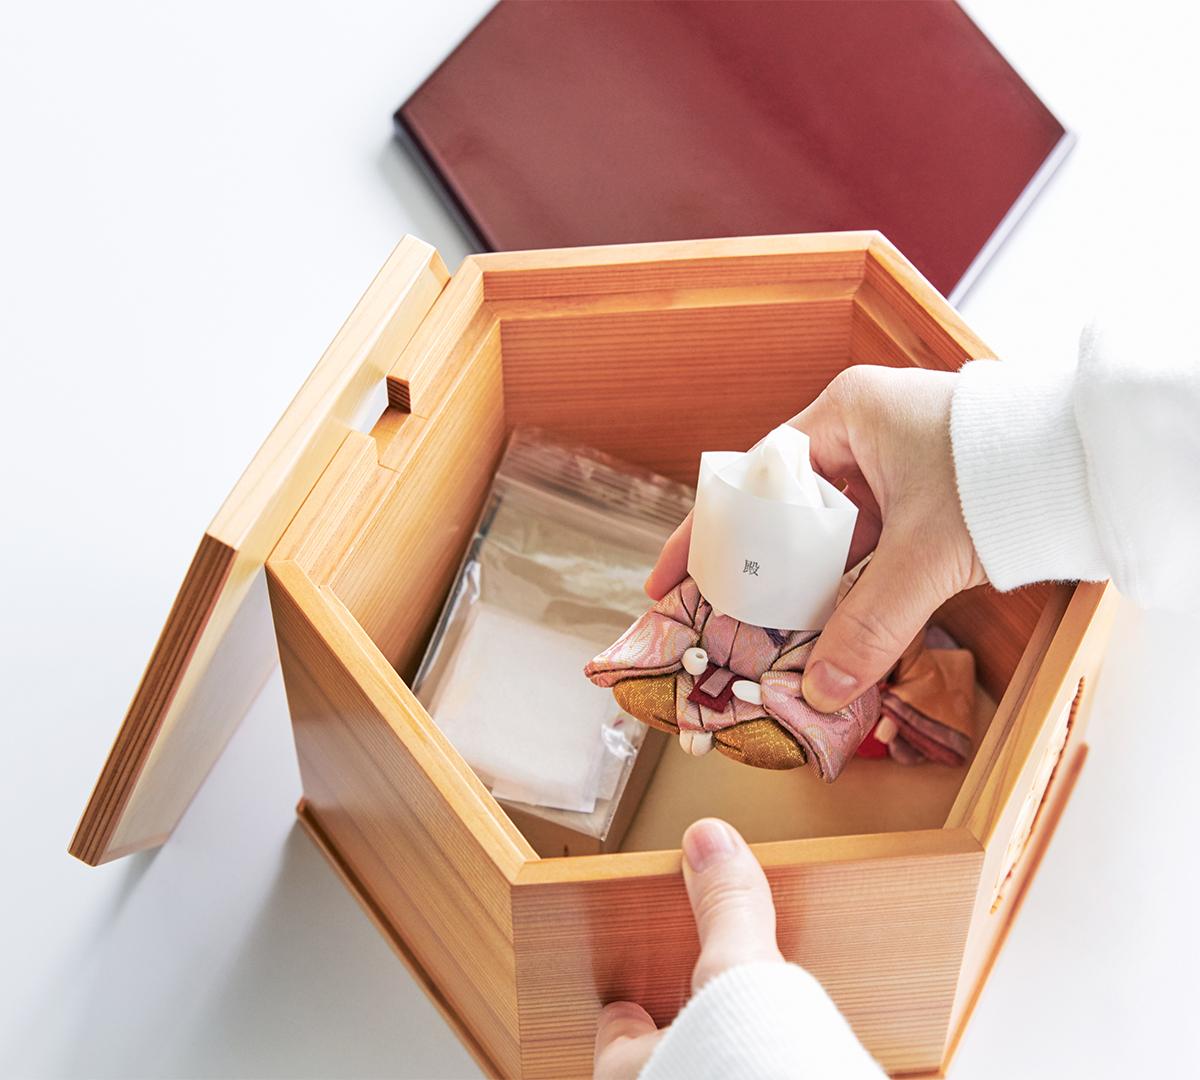 クローゼットや押し入れへ保管する際の省スペース化にも貢献|柿沼東光(経済産業大臣認定伝統工芸士)× 大沼 敦(工業デザイナー)によるモダンな雛人形